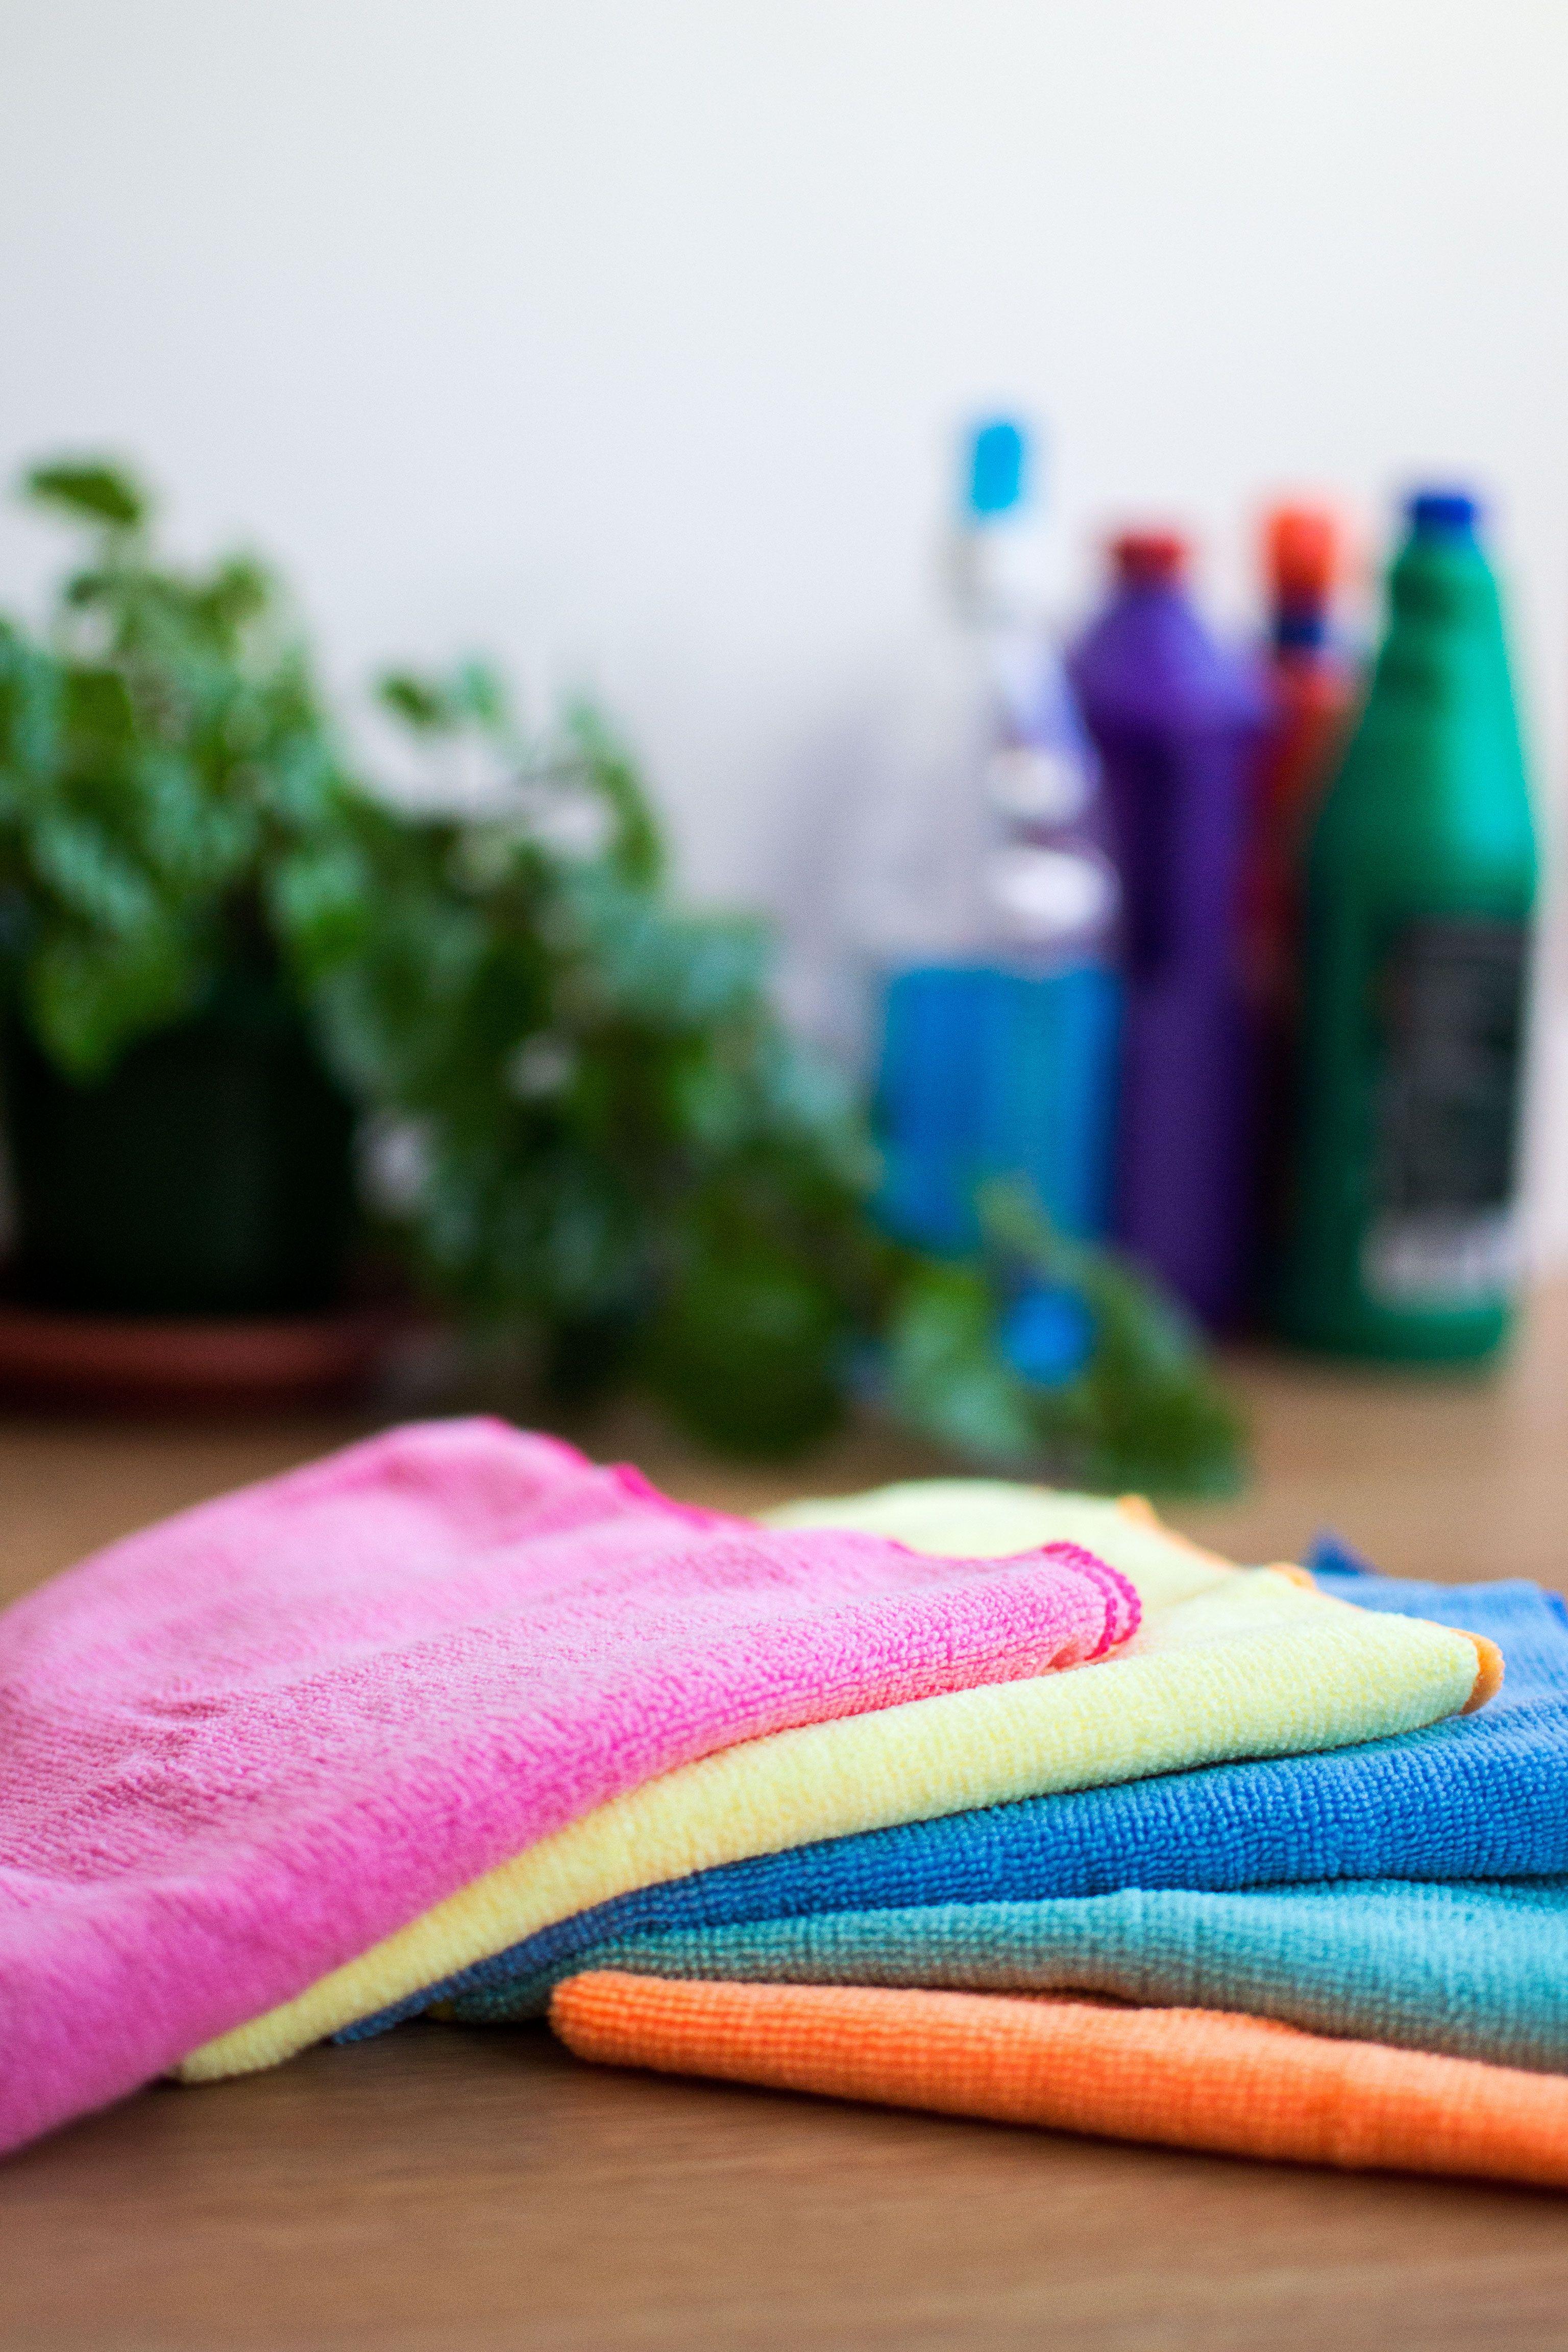 Utiles Y Productos Basicos Para Limpiar Tu Hogar Limpieza Del